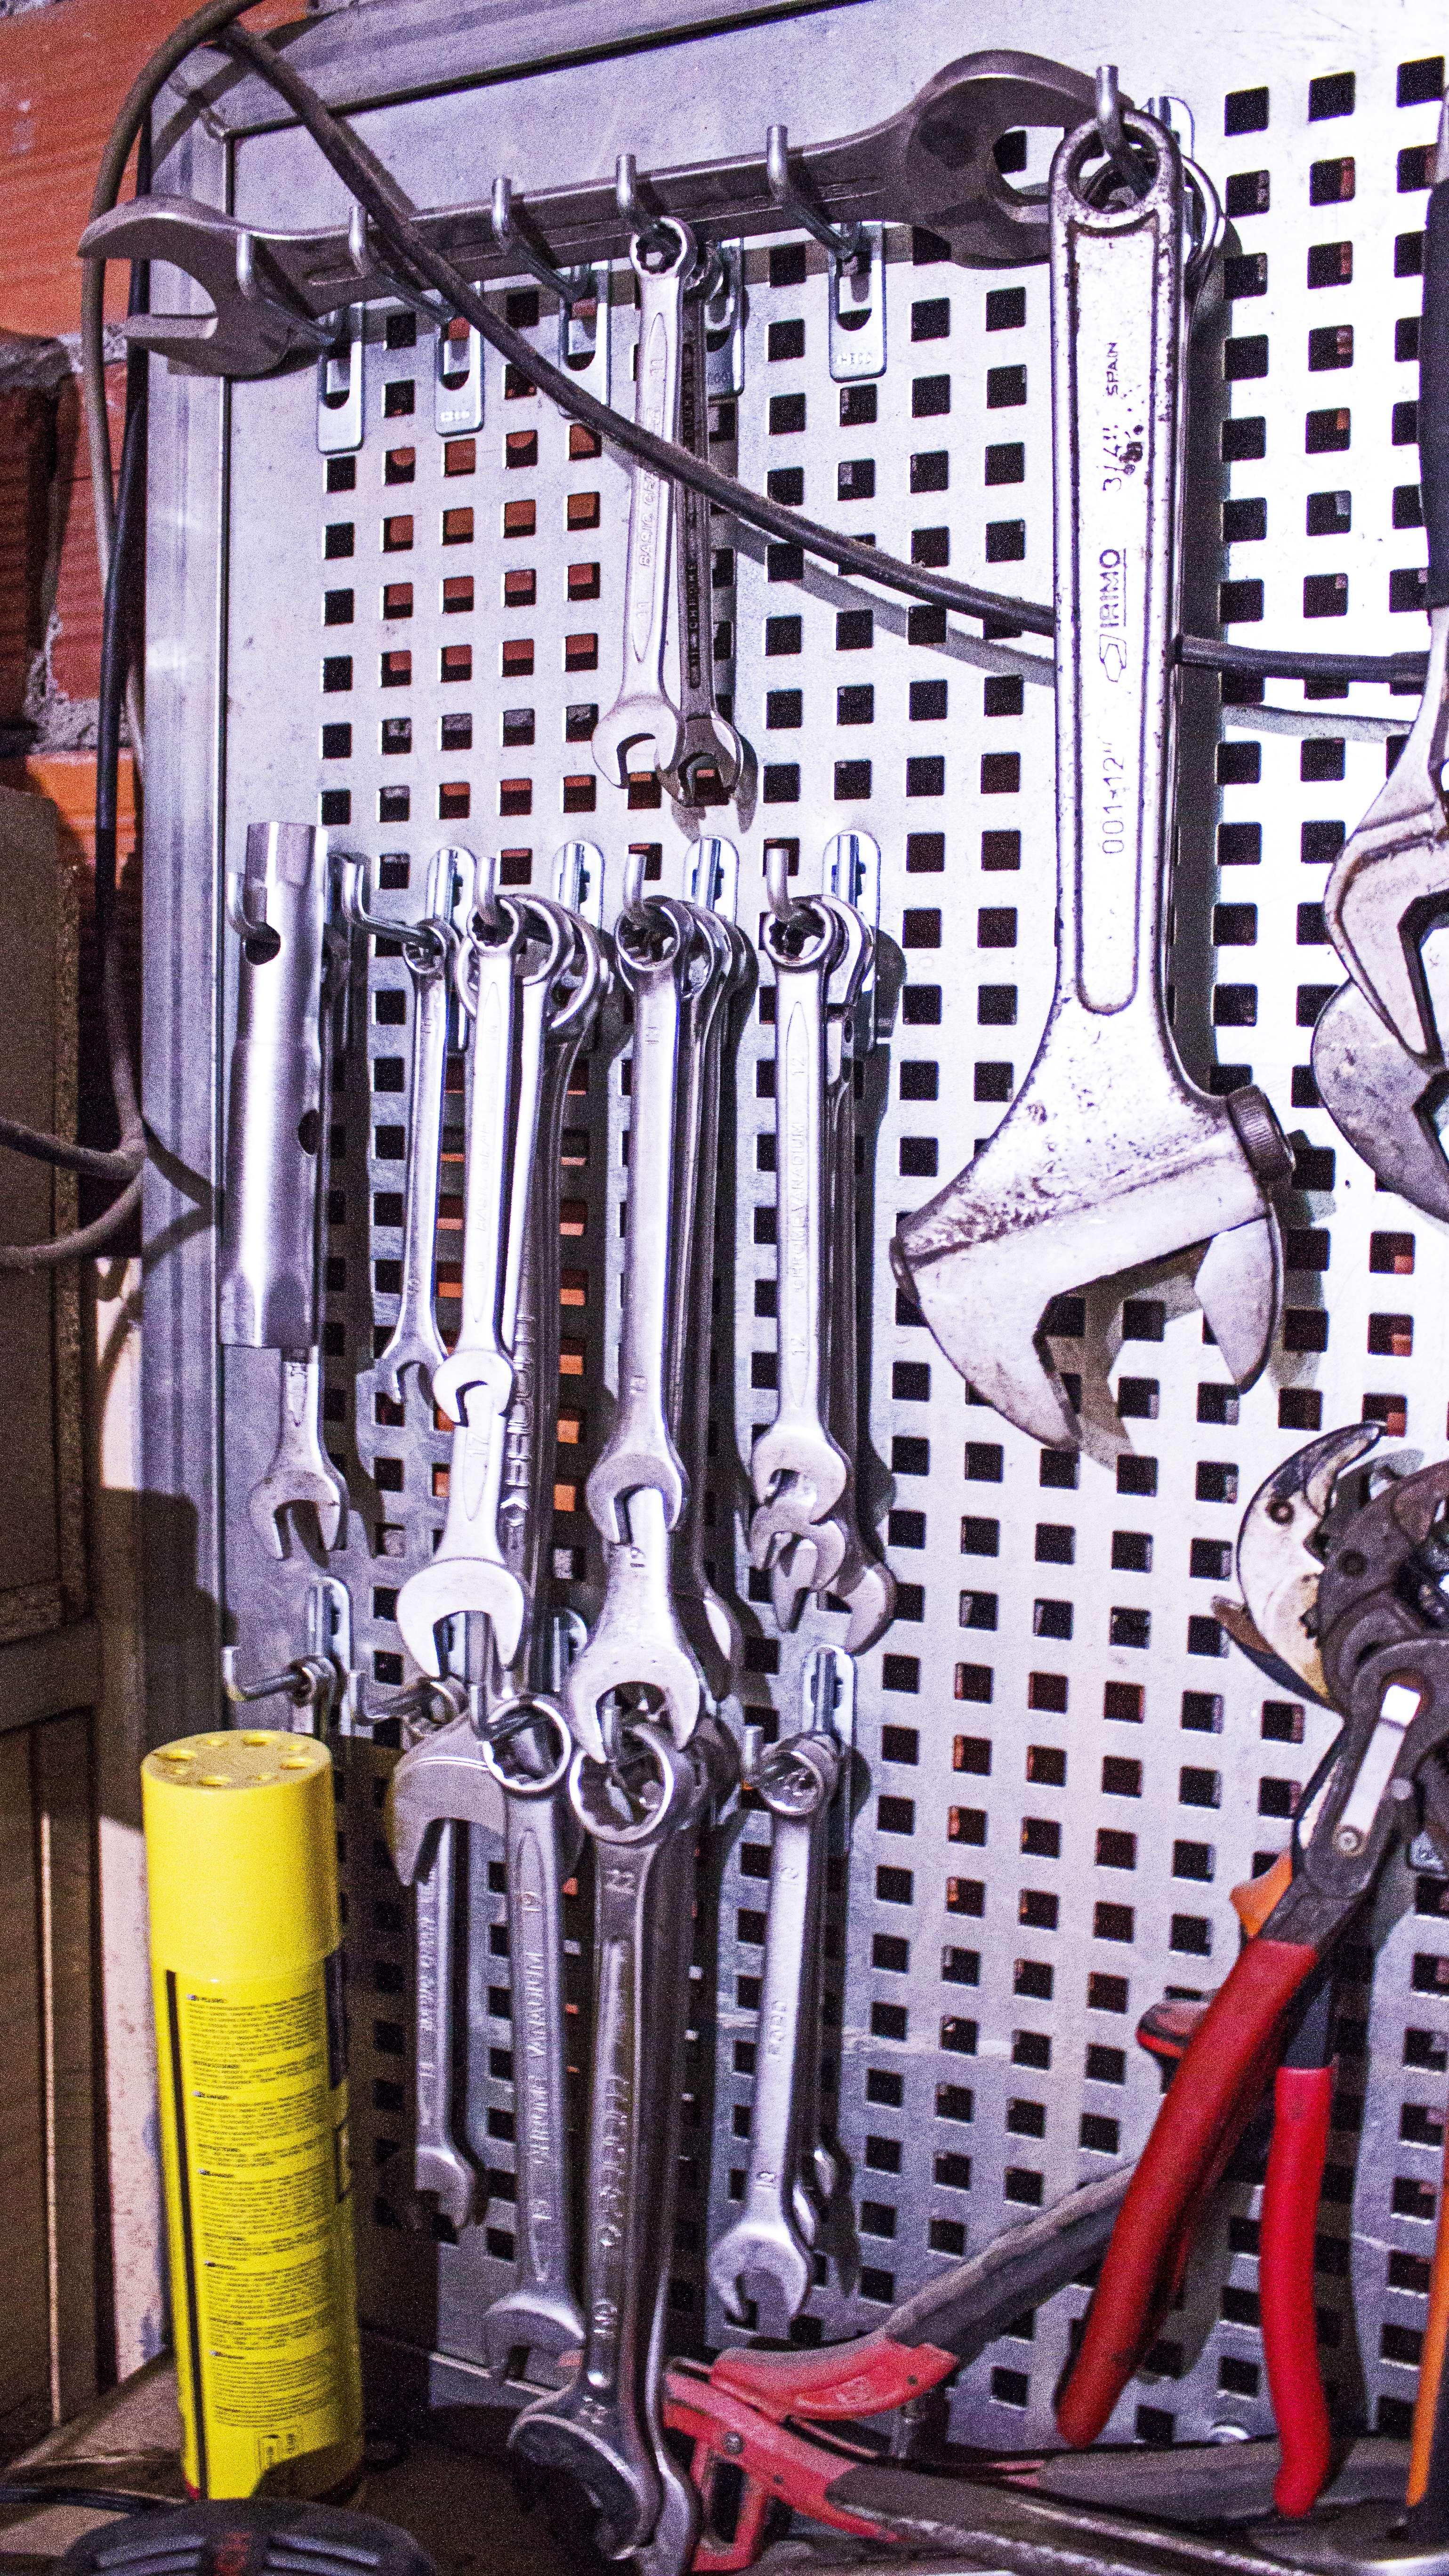 Nuestras herramientas de fontanería en Ferrol